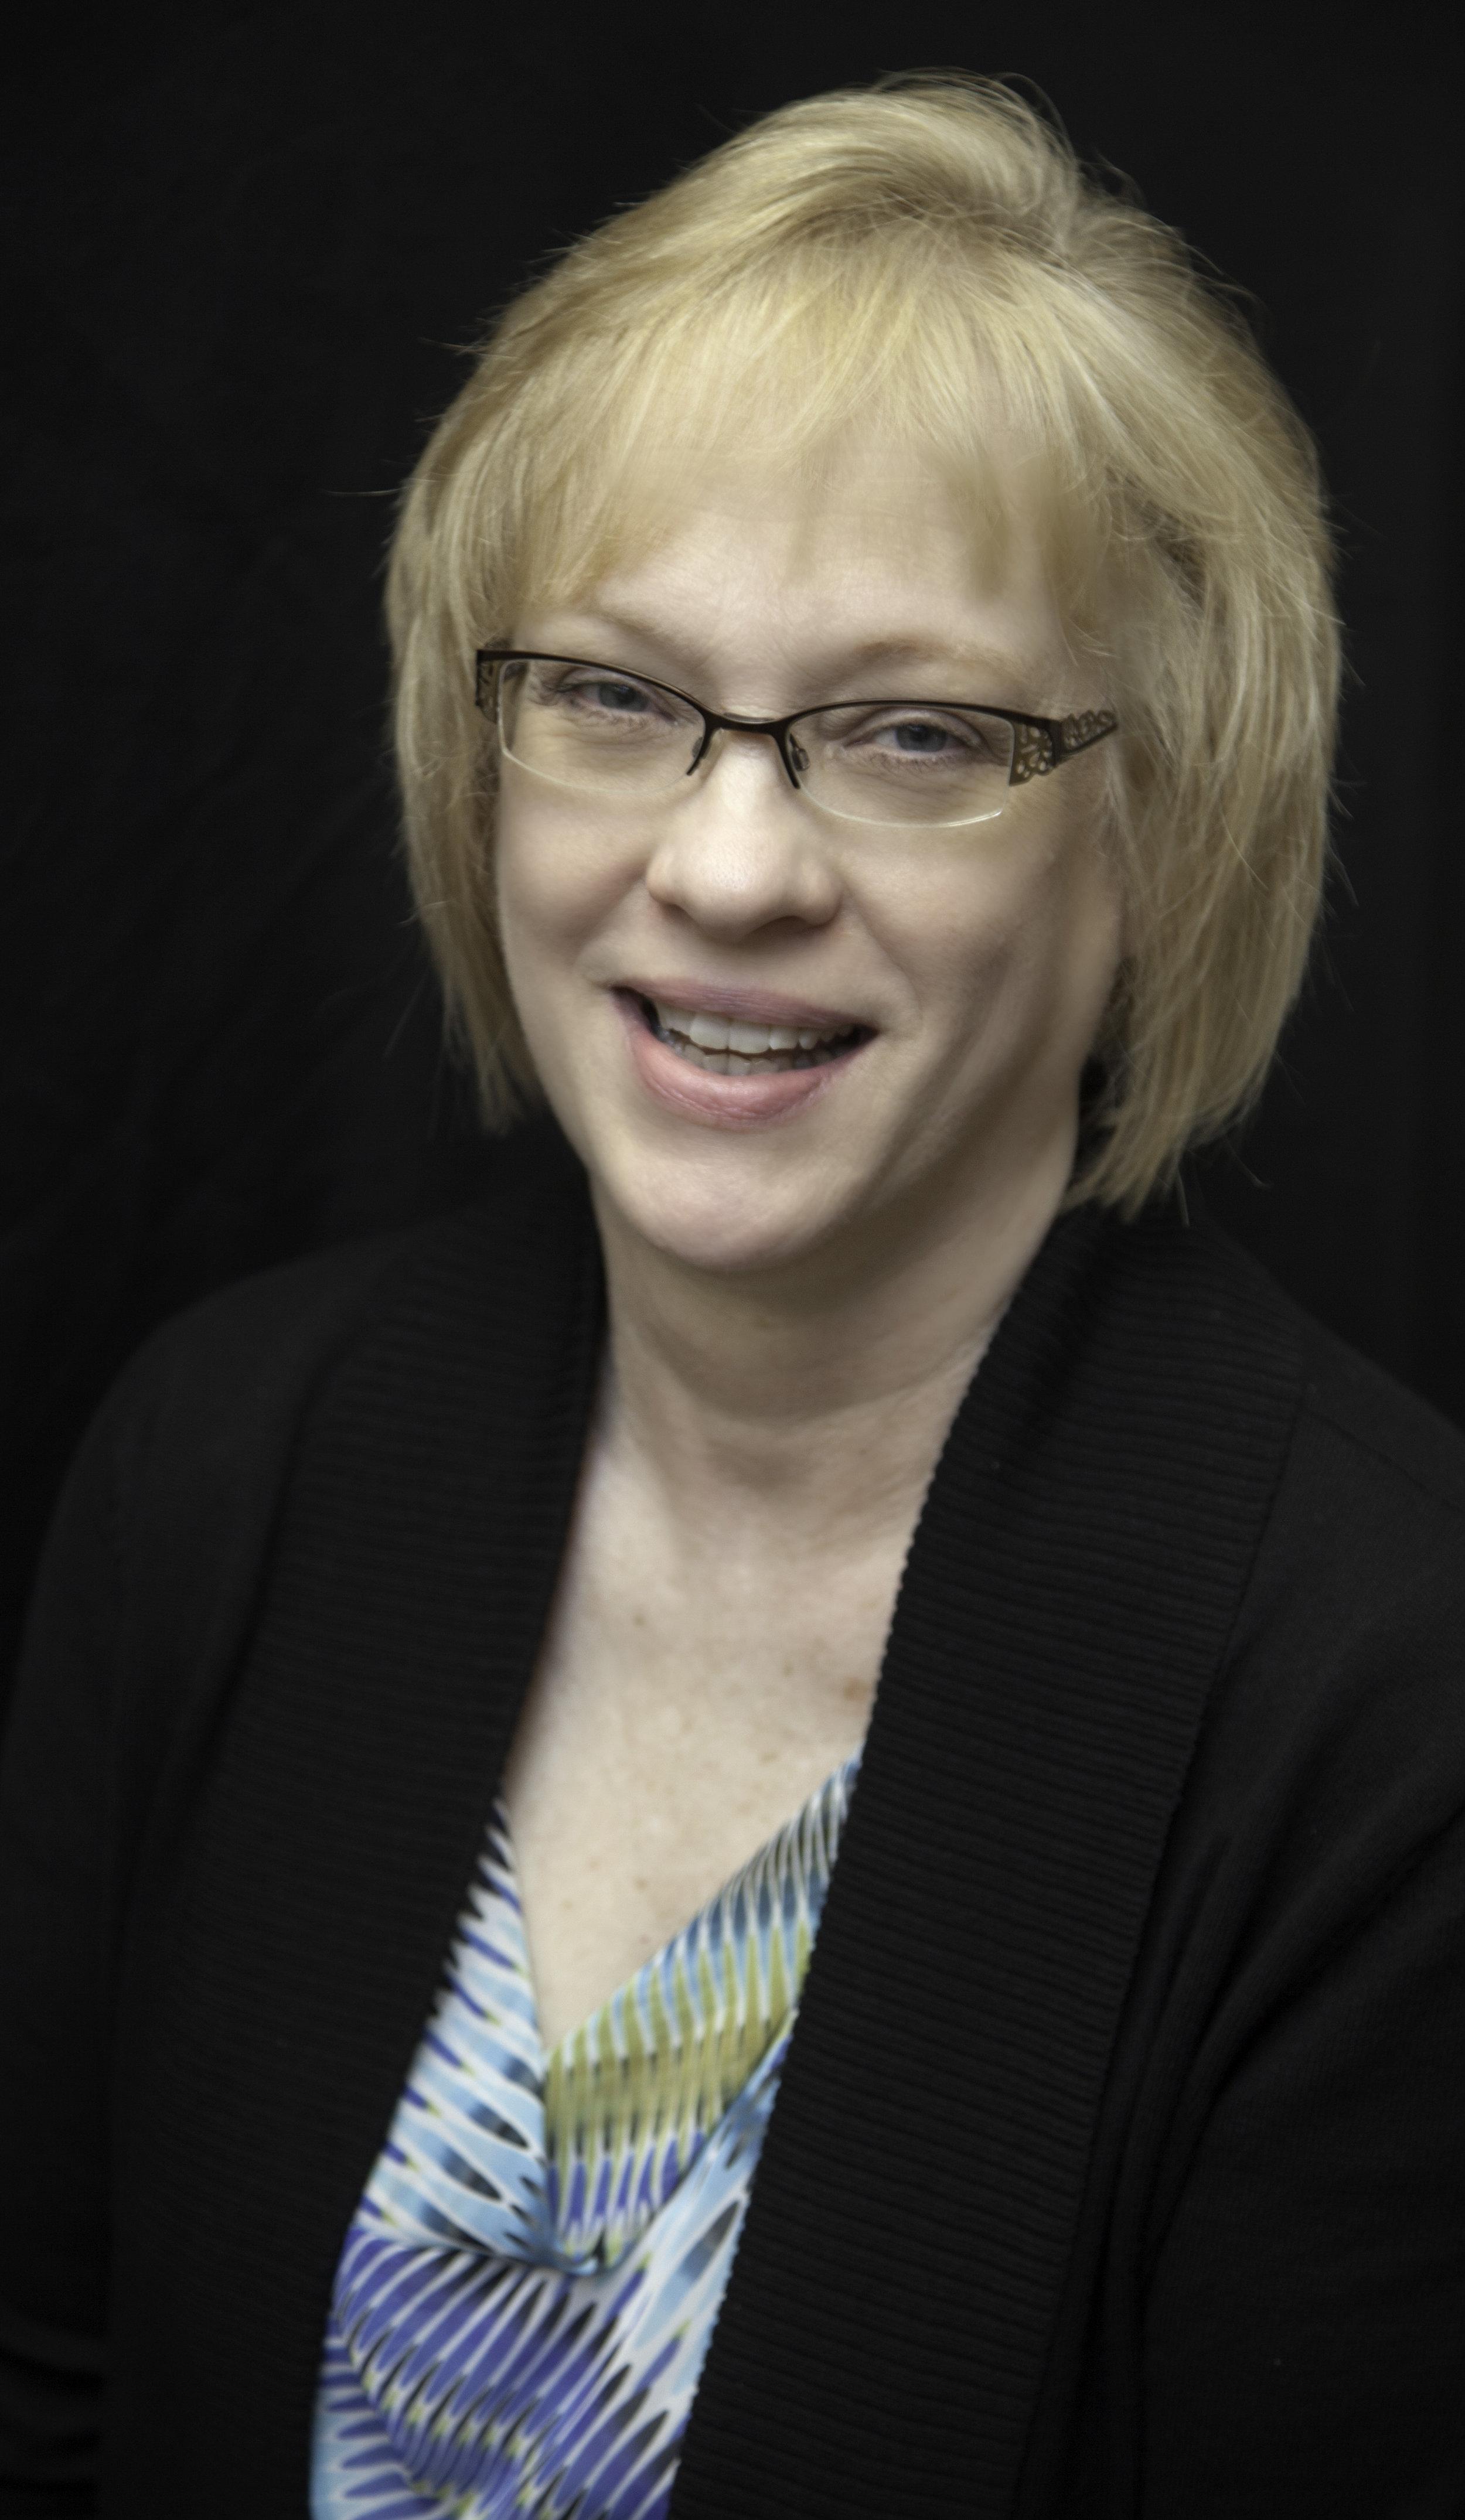 Leah Mulkey